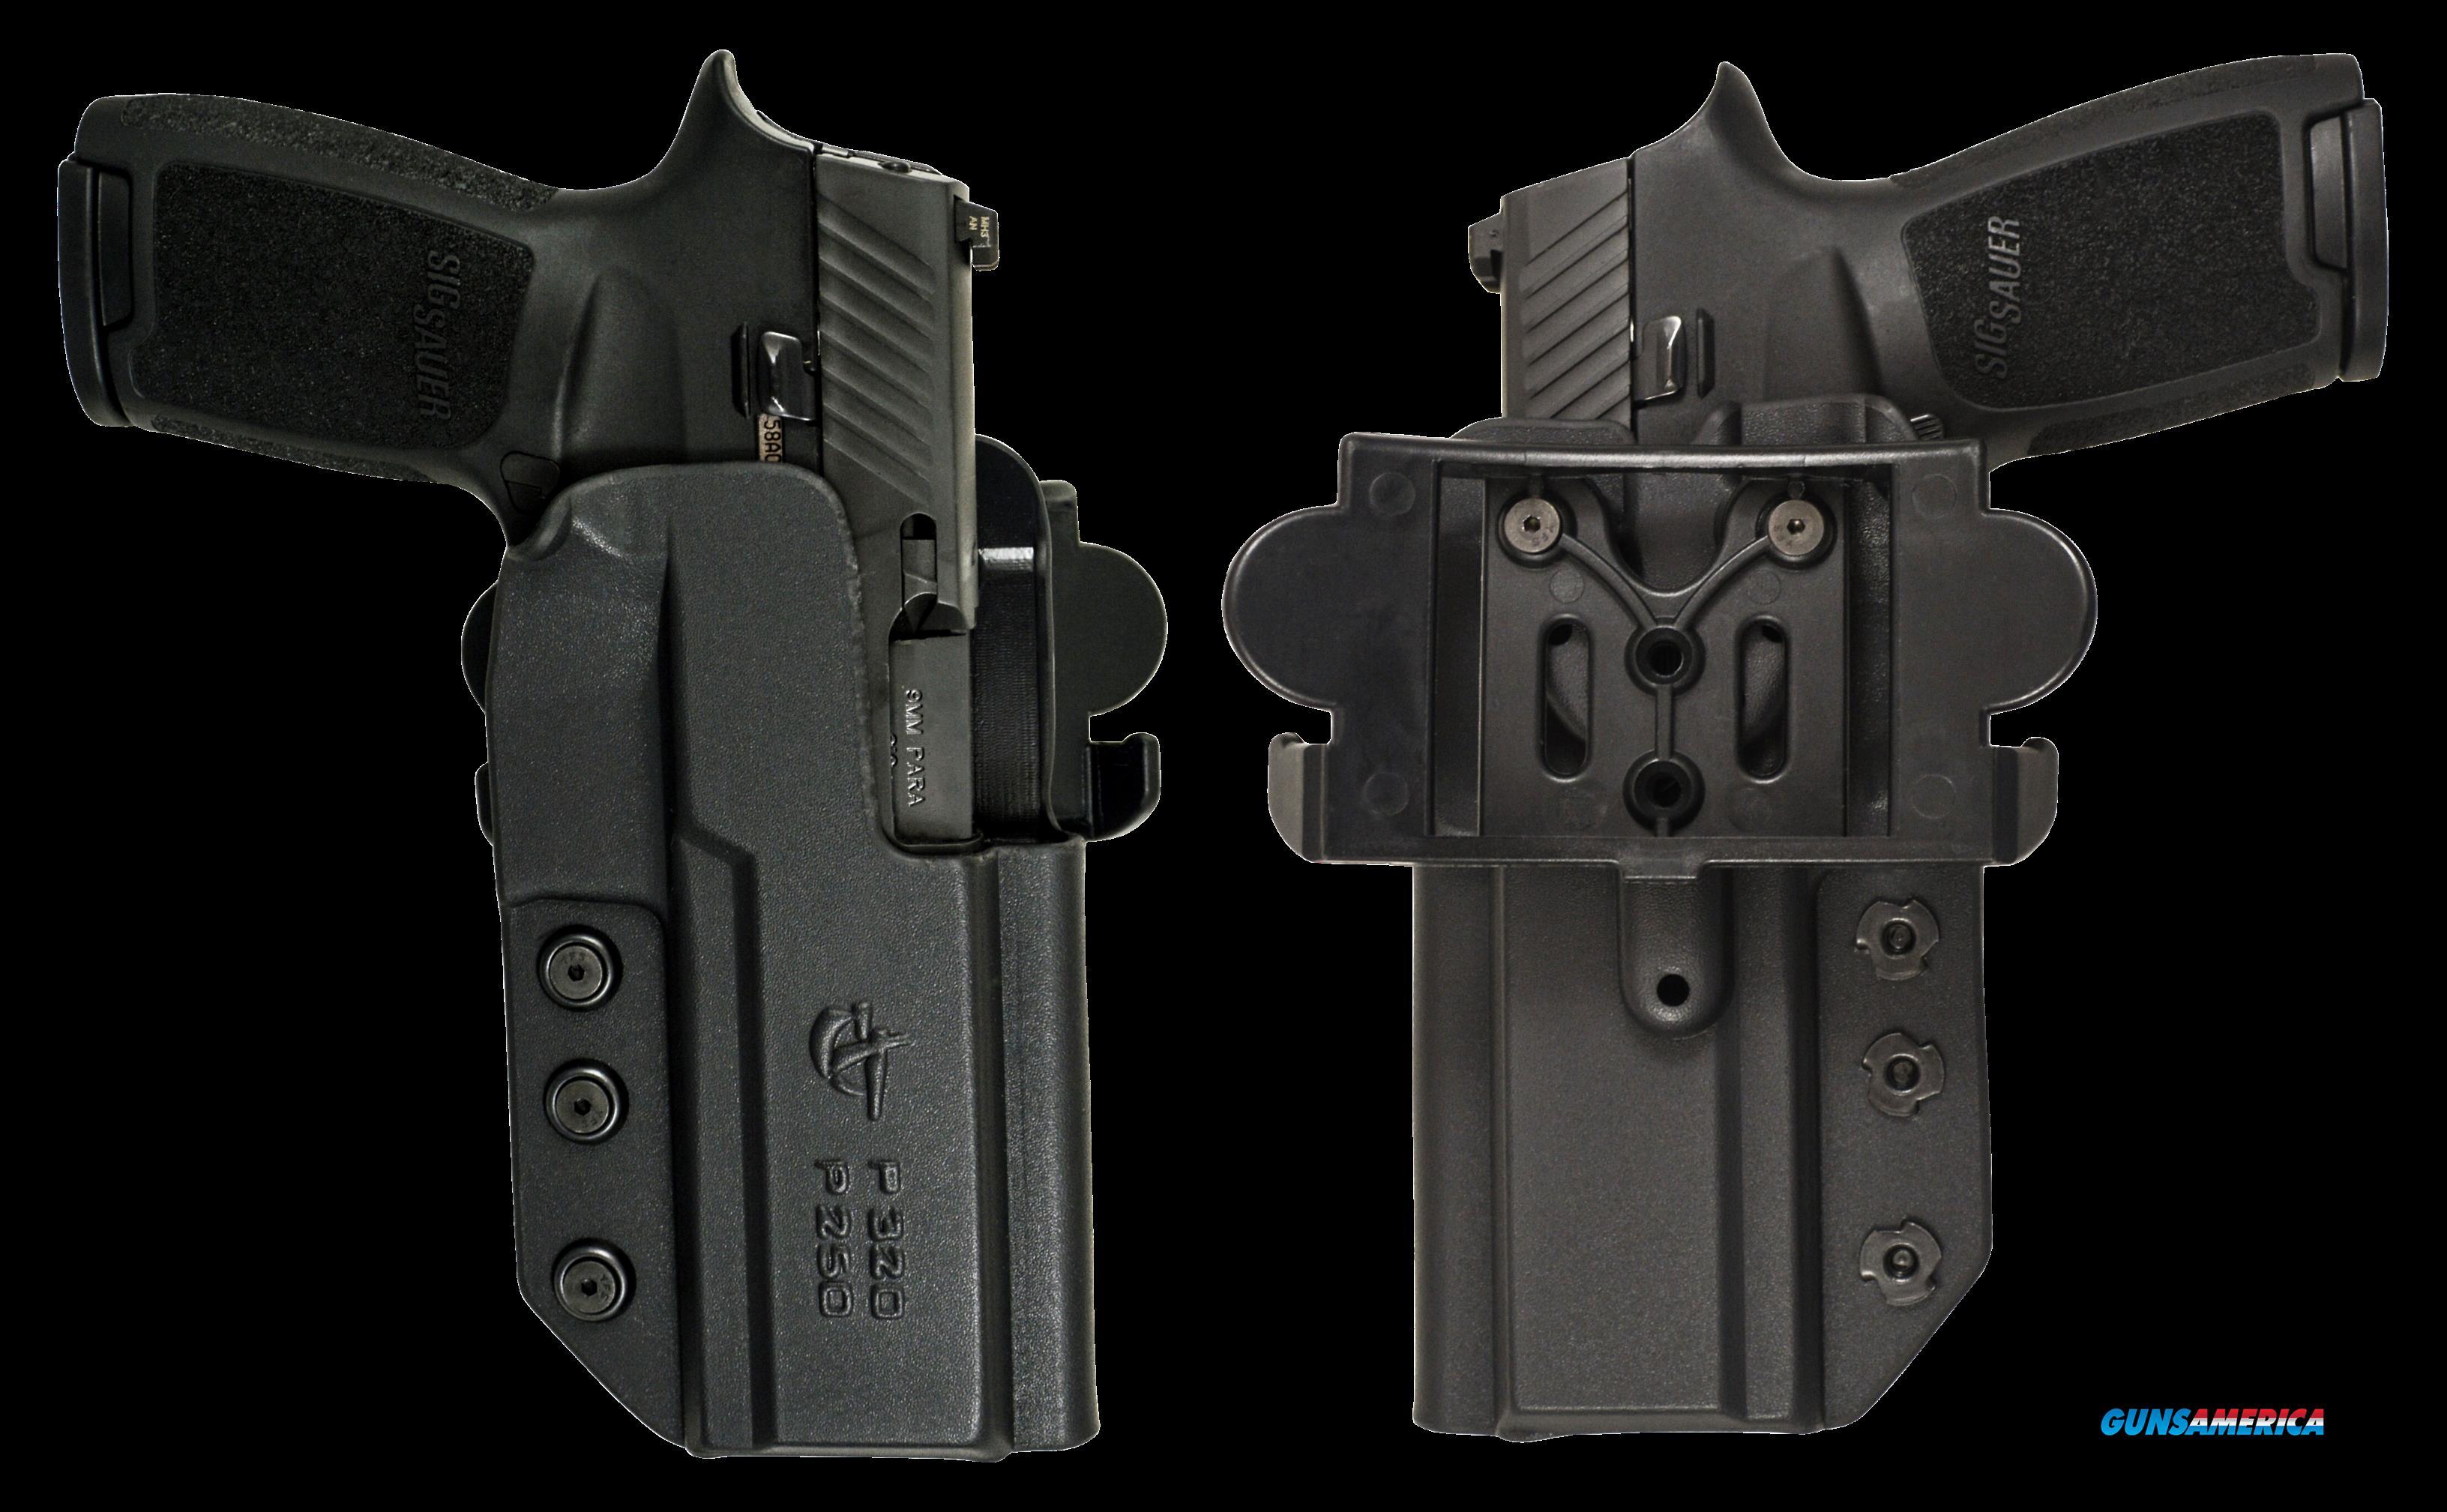 Comp-tac International, Comptac International Owb Hlstr Cz75-85-po1-spo1  Guns > Pistols > 1911 Pistol Copies (non-Colt)